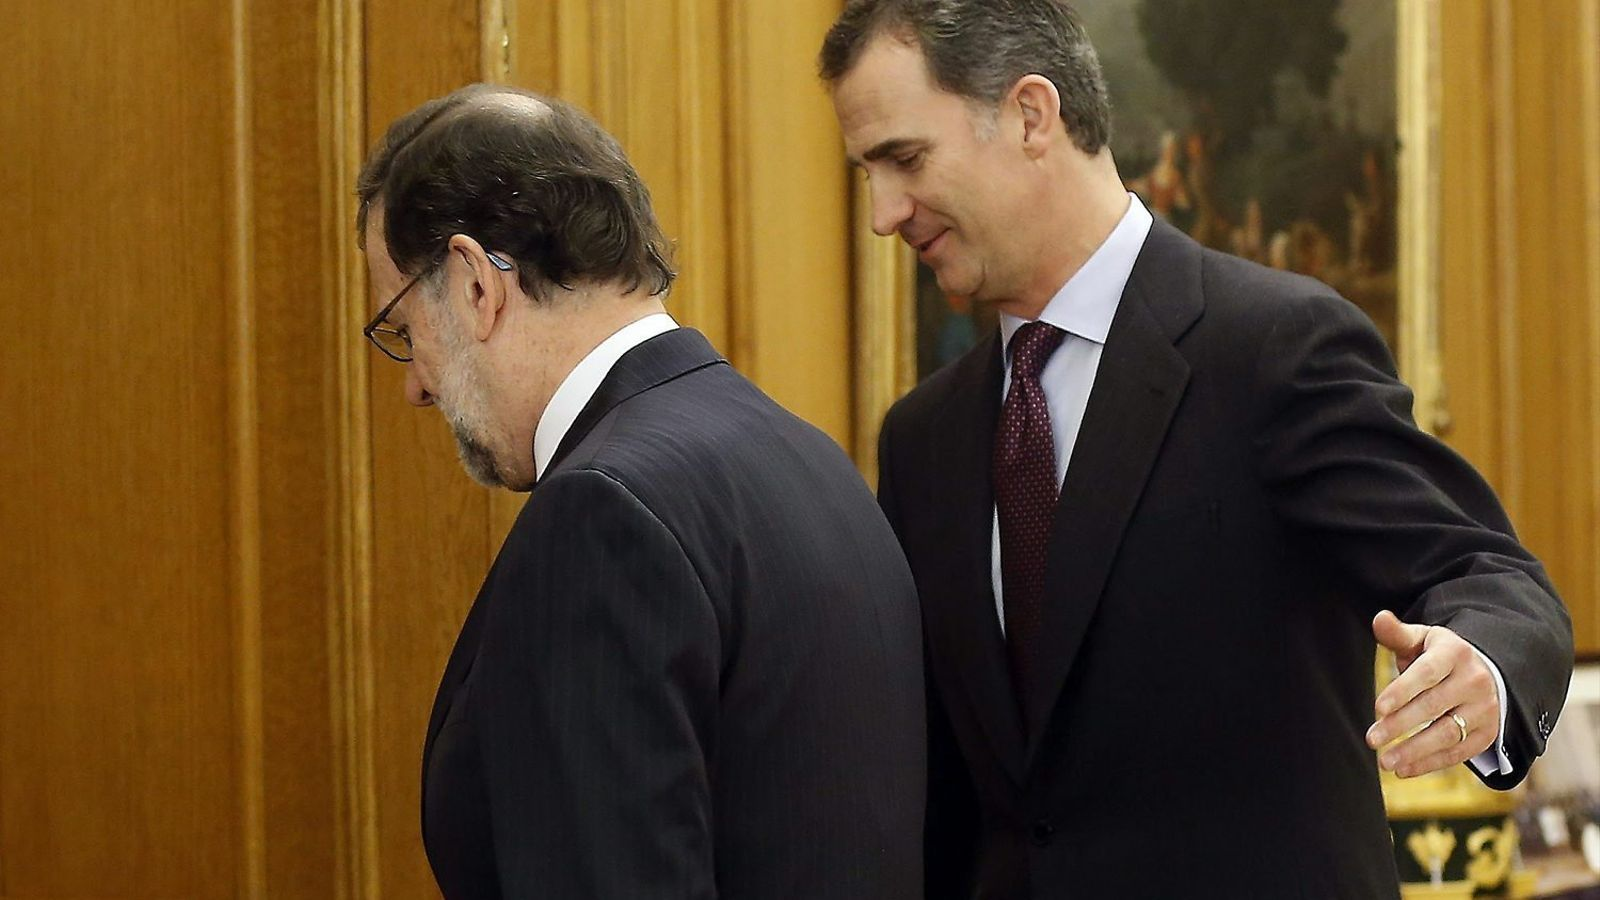 Mariano Rajoy creia que Felip VI li seguiria el joc durant la investidura i mantindria el procés aturat fins que el president en funcions tingués prou suports per tornar a rebre l'aval del Congrés.